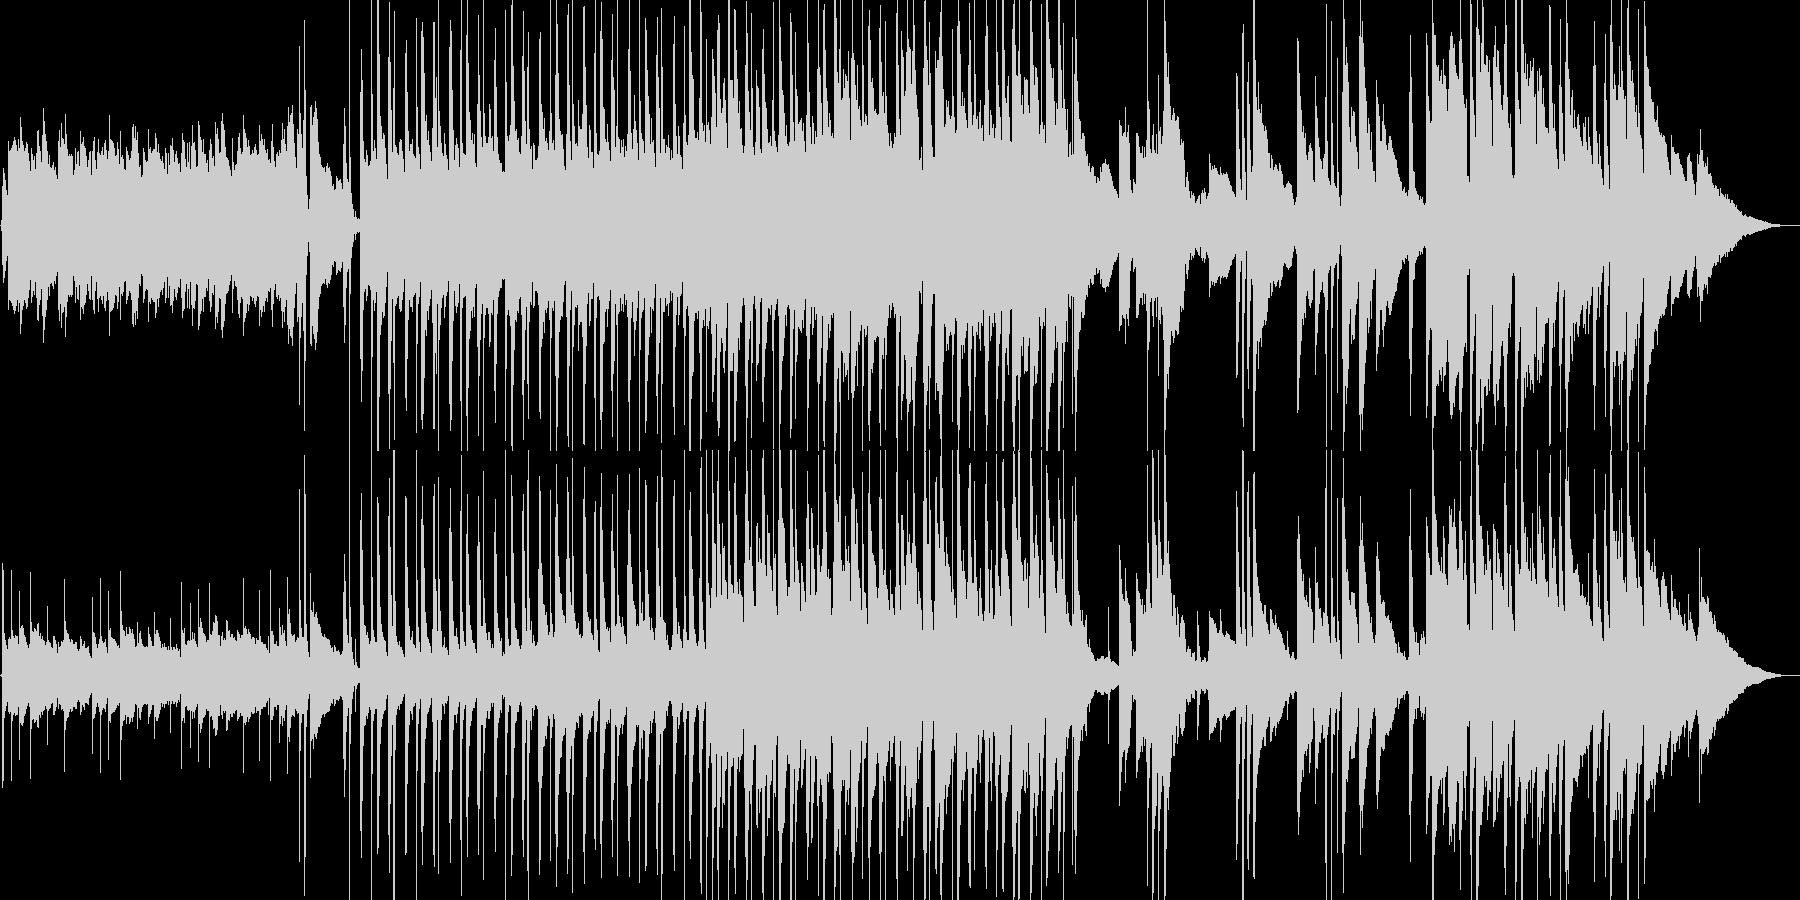 RPGの街で流れるギターの音色が優しい曲の未再生の波形